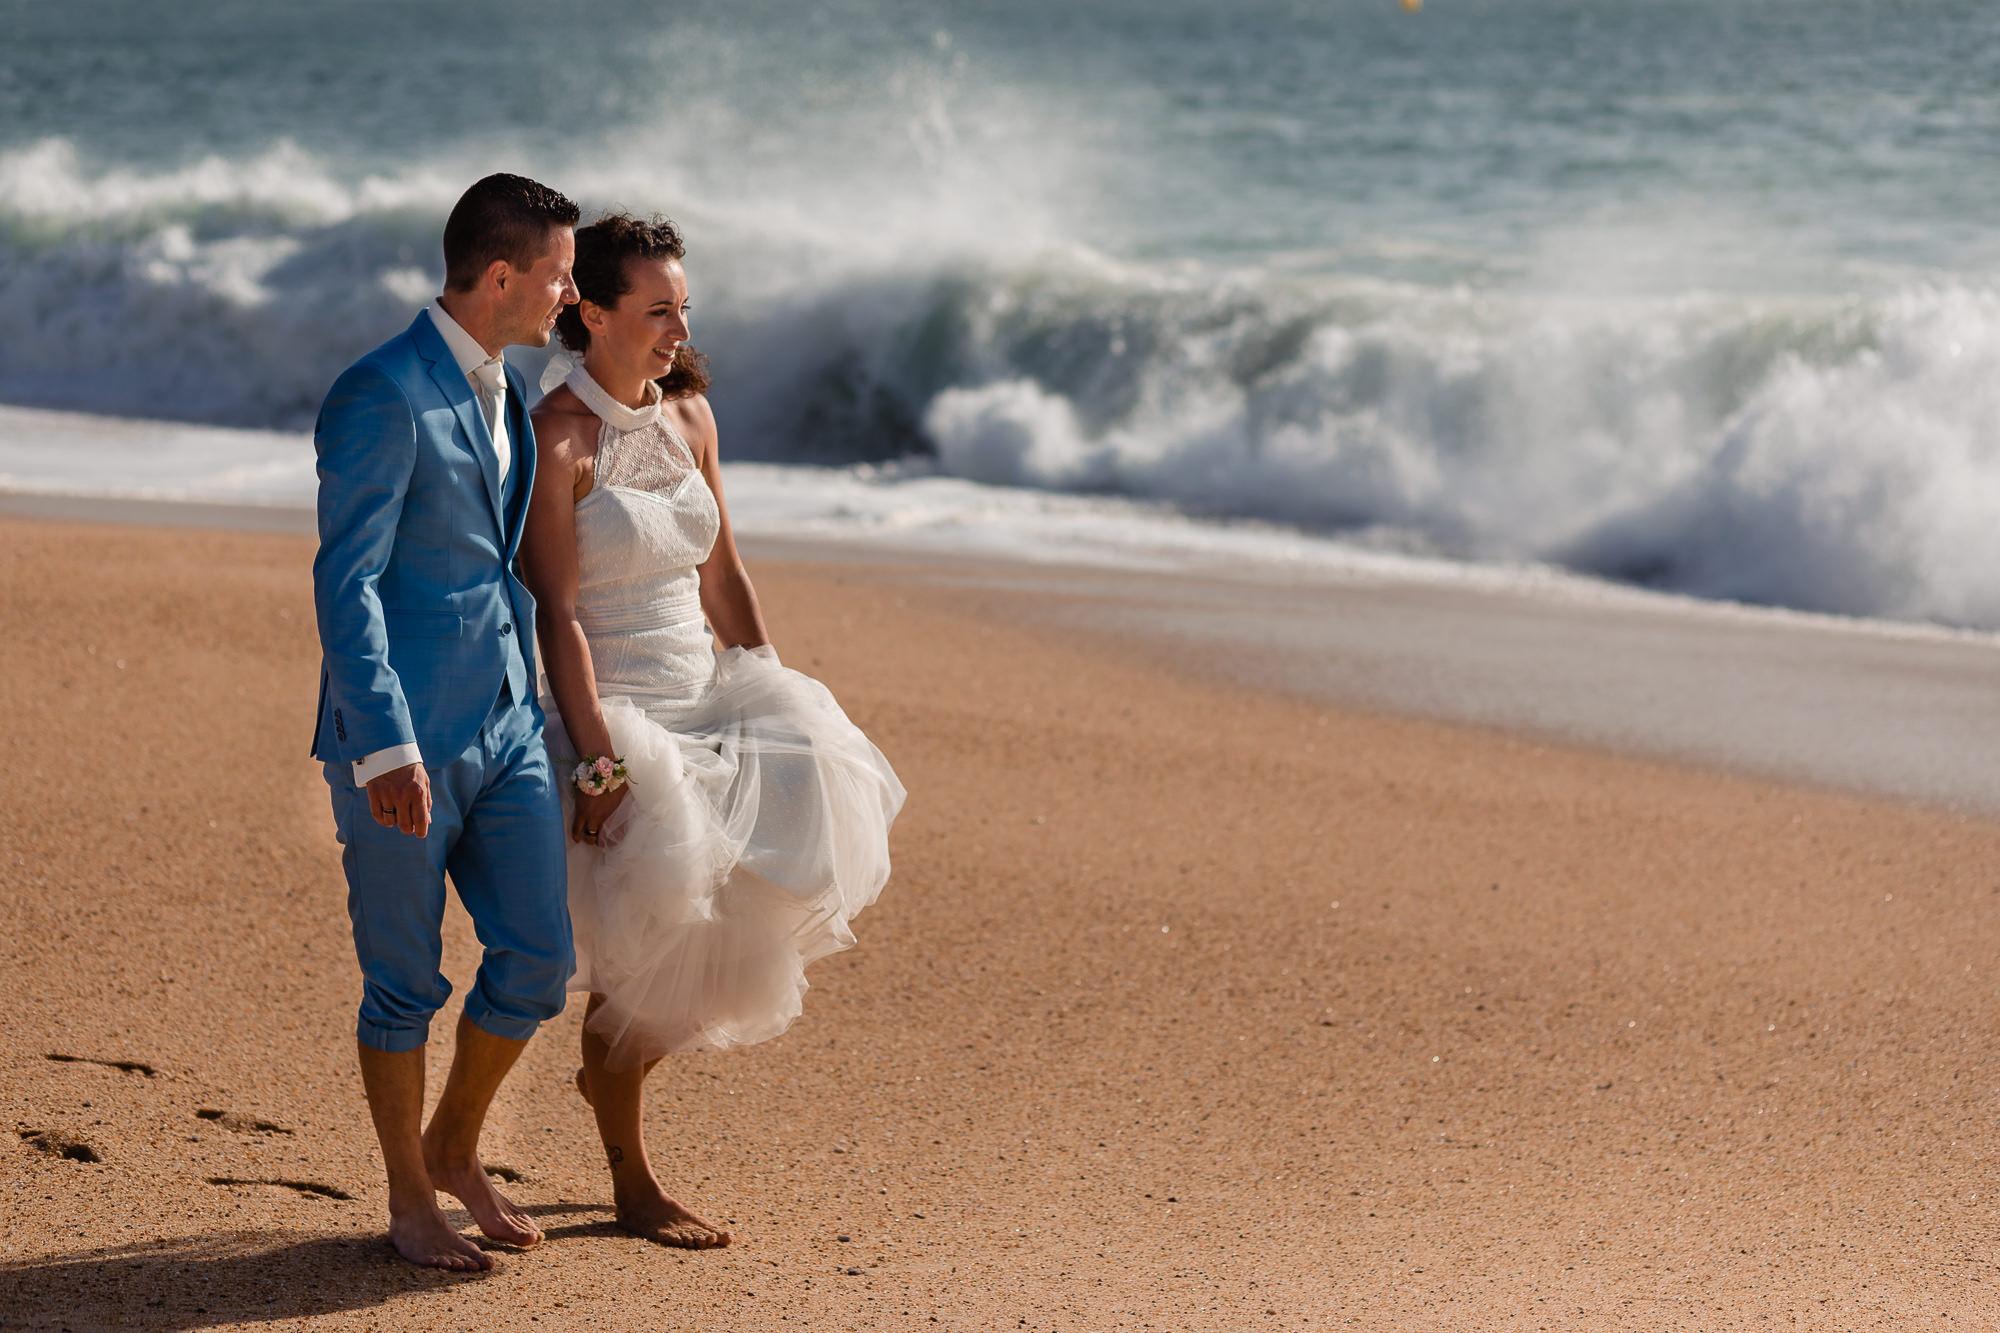 Bruidspaar loopt op het strand met de zee golvend op de achtergrond